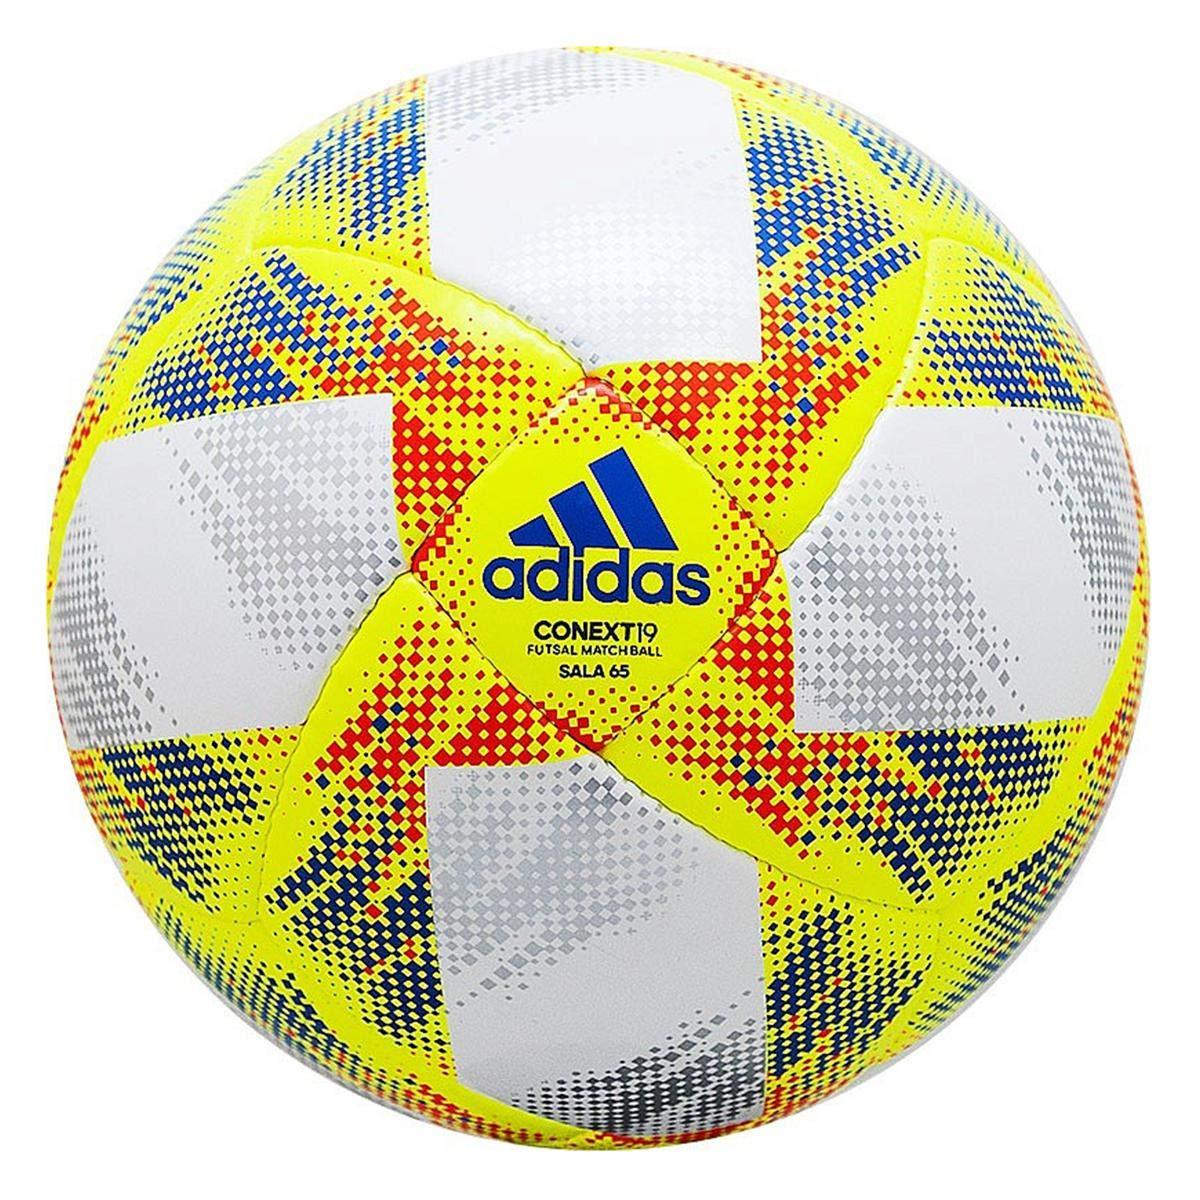 adidas Conext 19 Sala 65 Soccer Ball